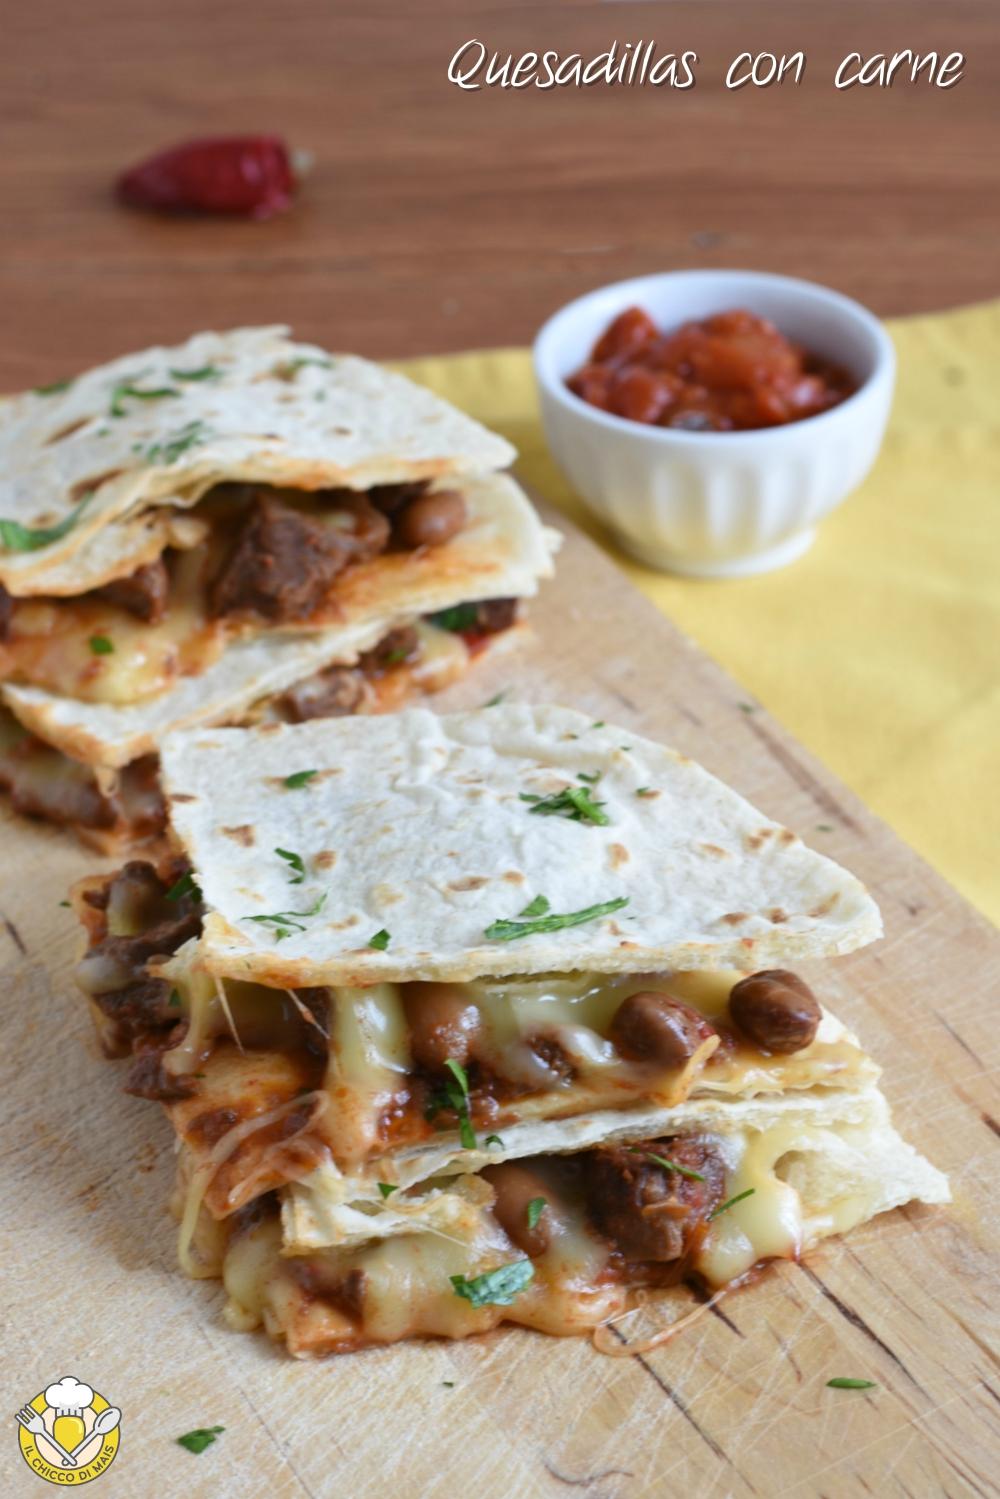 v_ quesadillas con carne ricetta messicana tortillas ripiene di formaggio il chicco di mais